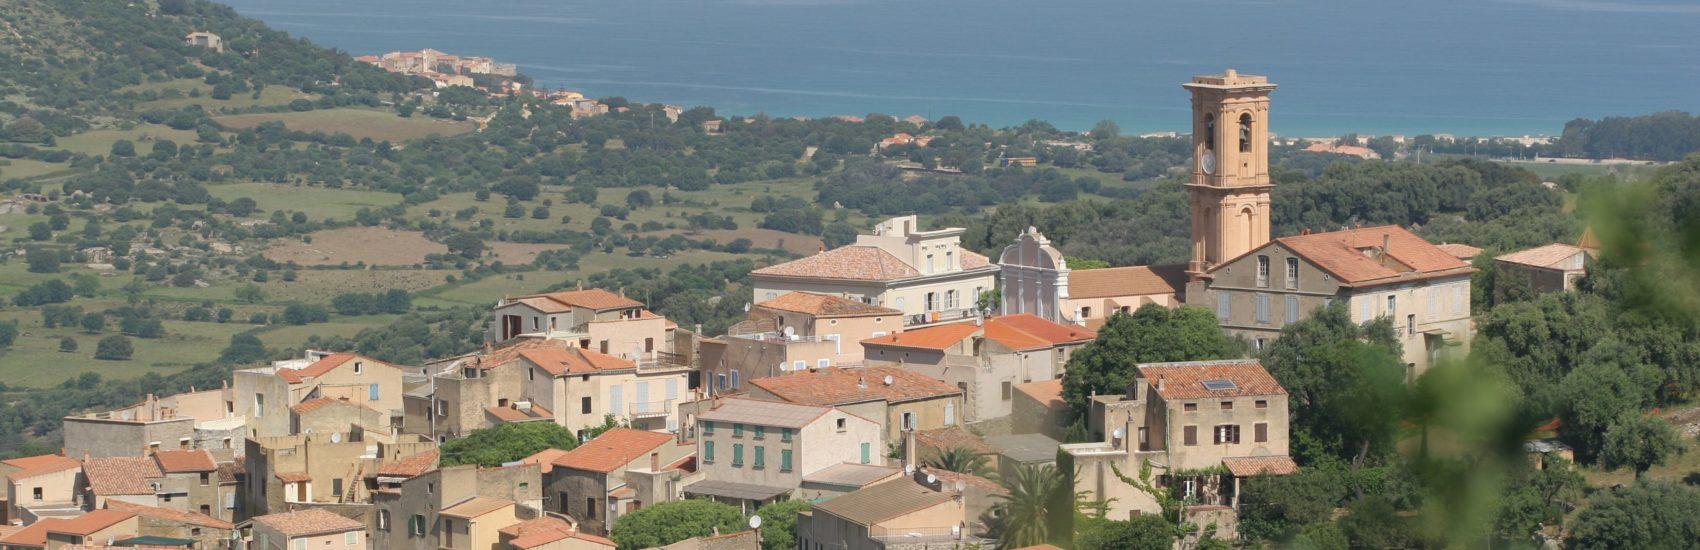 Village d'Aregno haute Corse